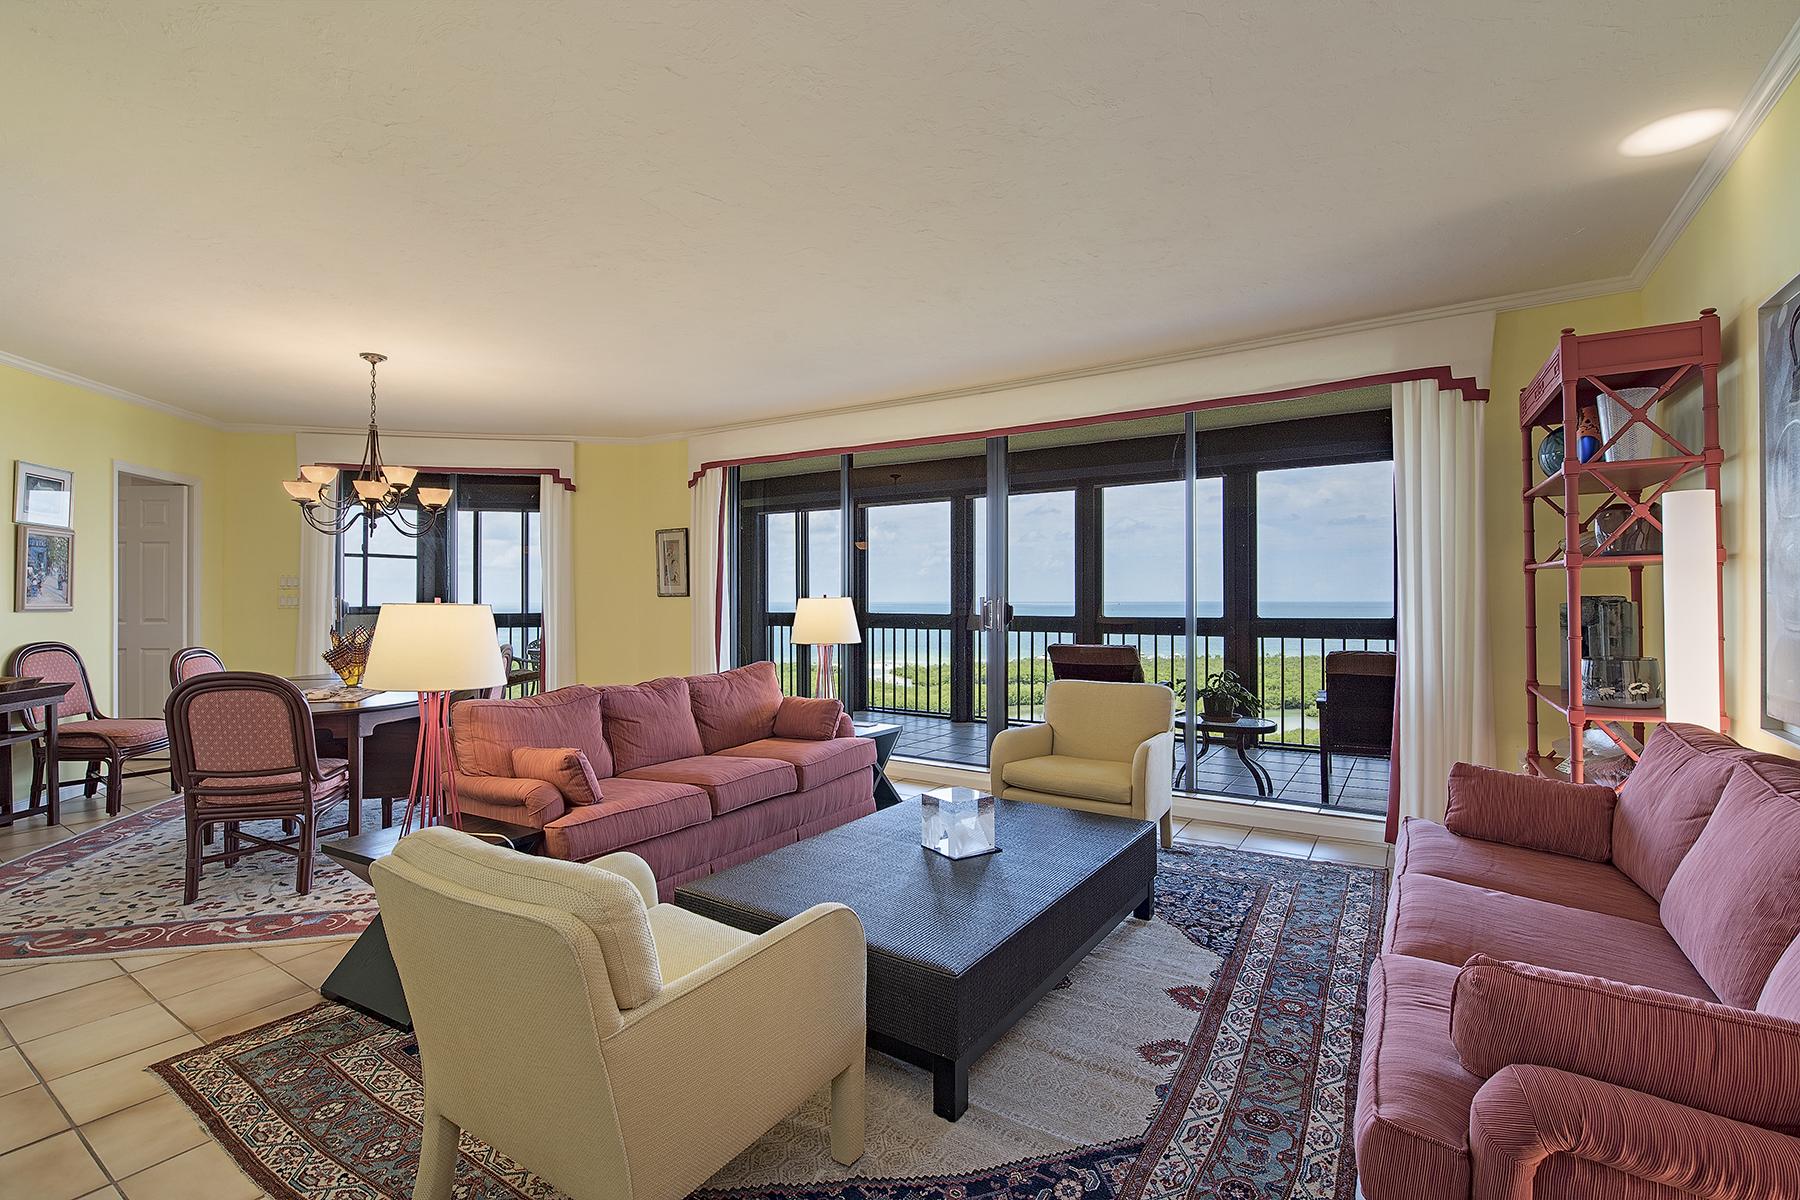 Condominium for Sale at 6001 Pelican Bay Blvd , 1702, Naples, FL 34108 6001 Pelican Bay Blvd 1702 Naples, Florida 34108 United States